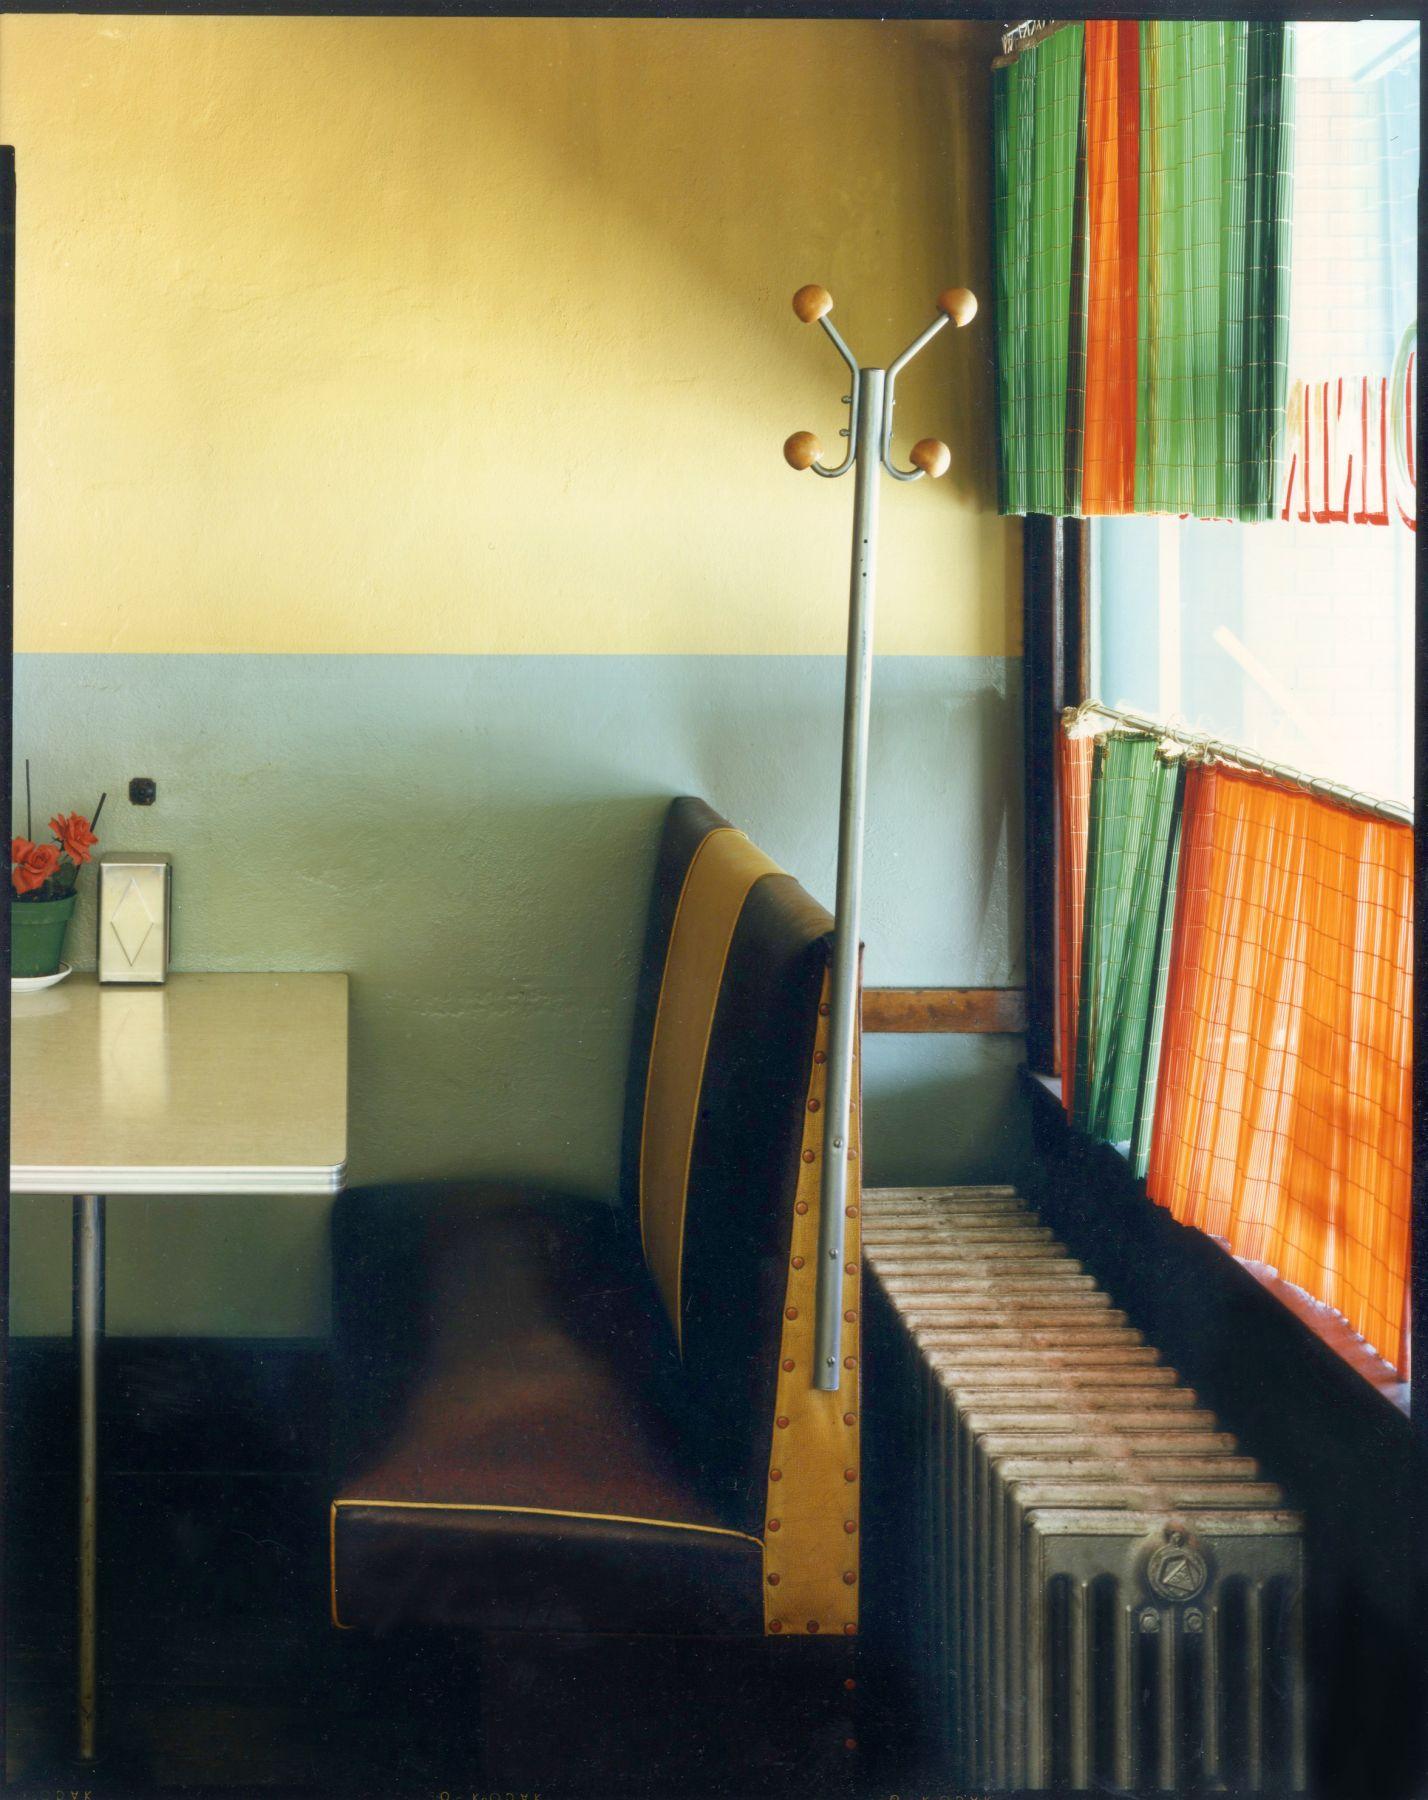 Bruce Wrighton  Glenwood Bar and Restaurant, Binghamton NY, 1986